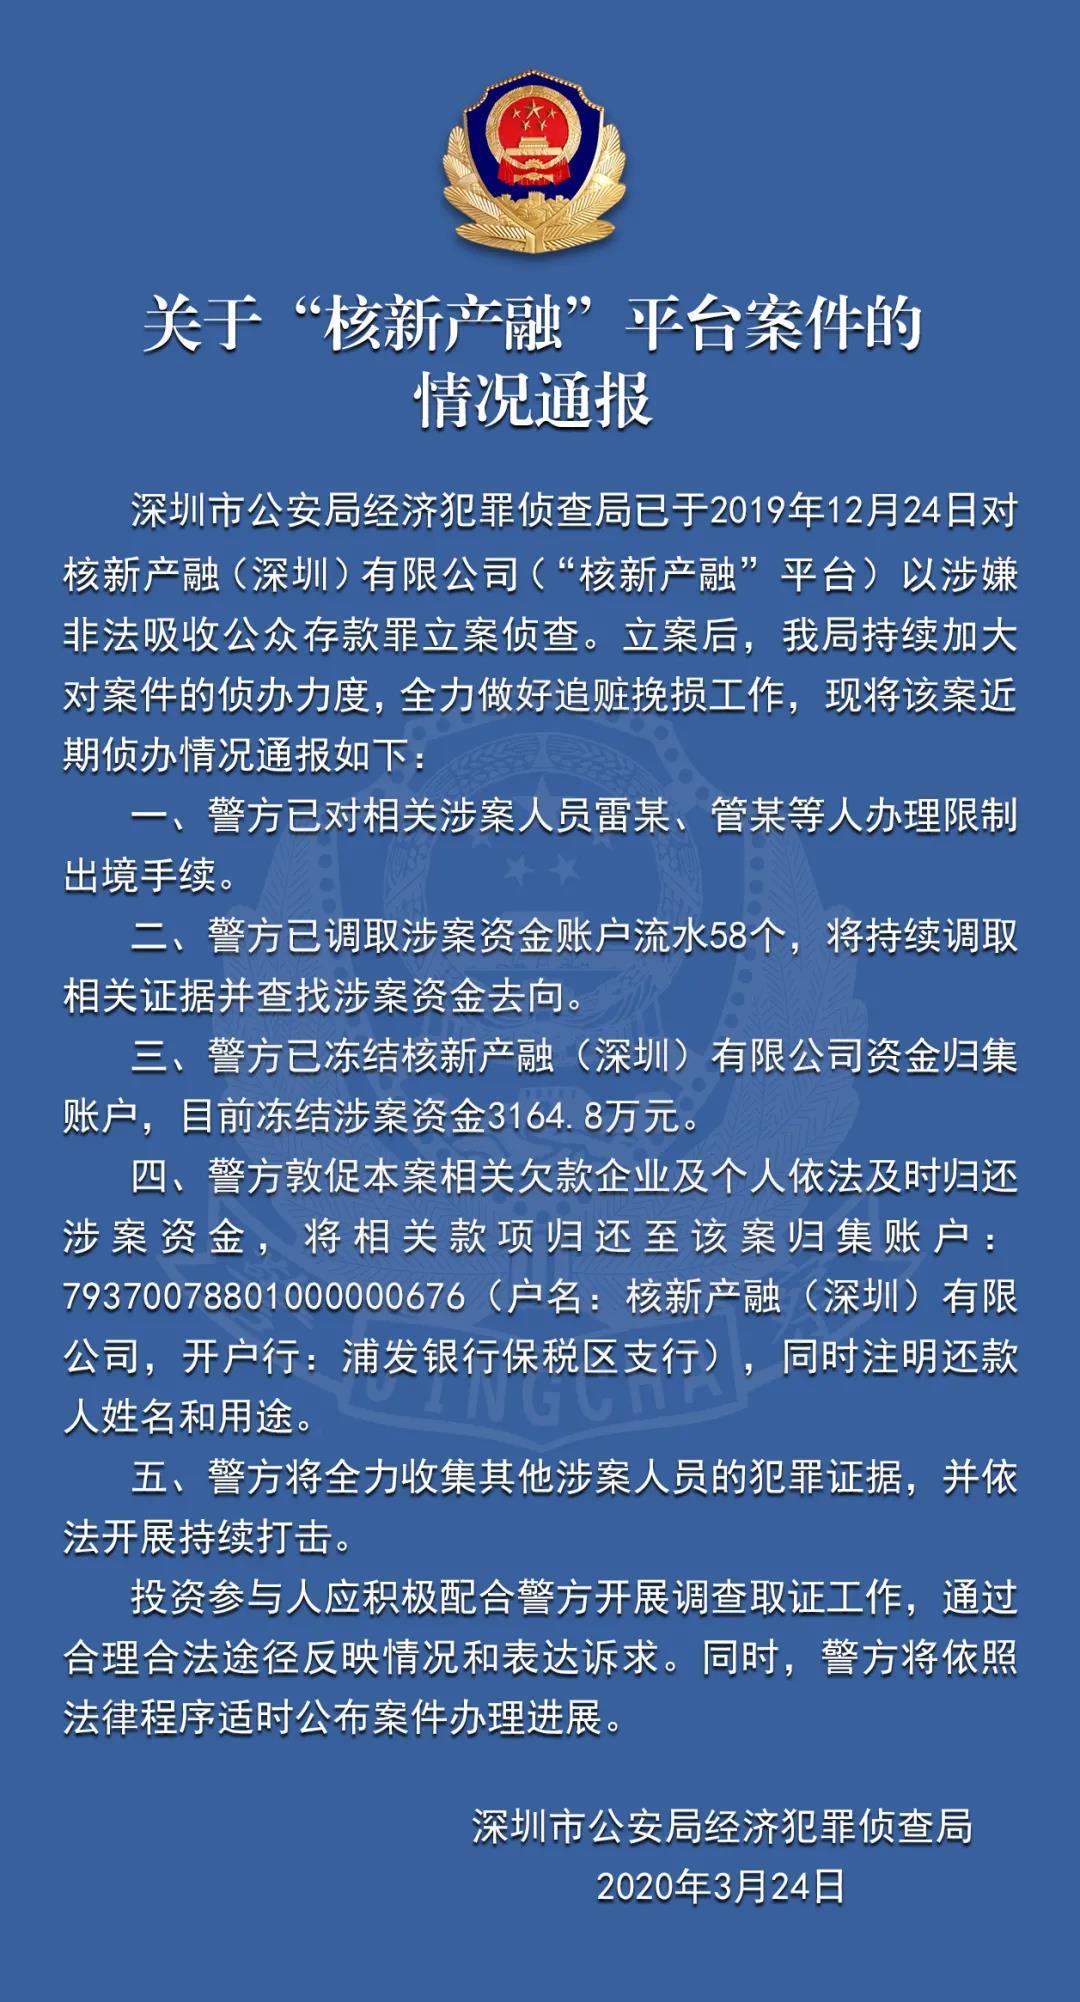 """""""核新产融""""案新进展:涉案人员限制出境 冻结资金3164.8万"""